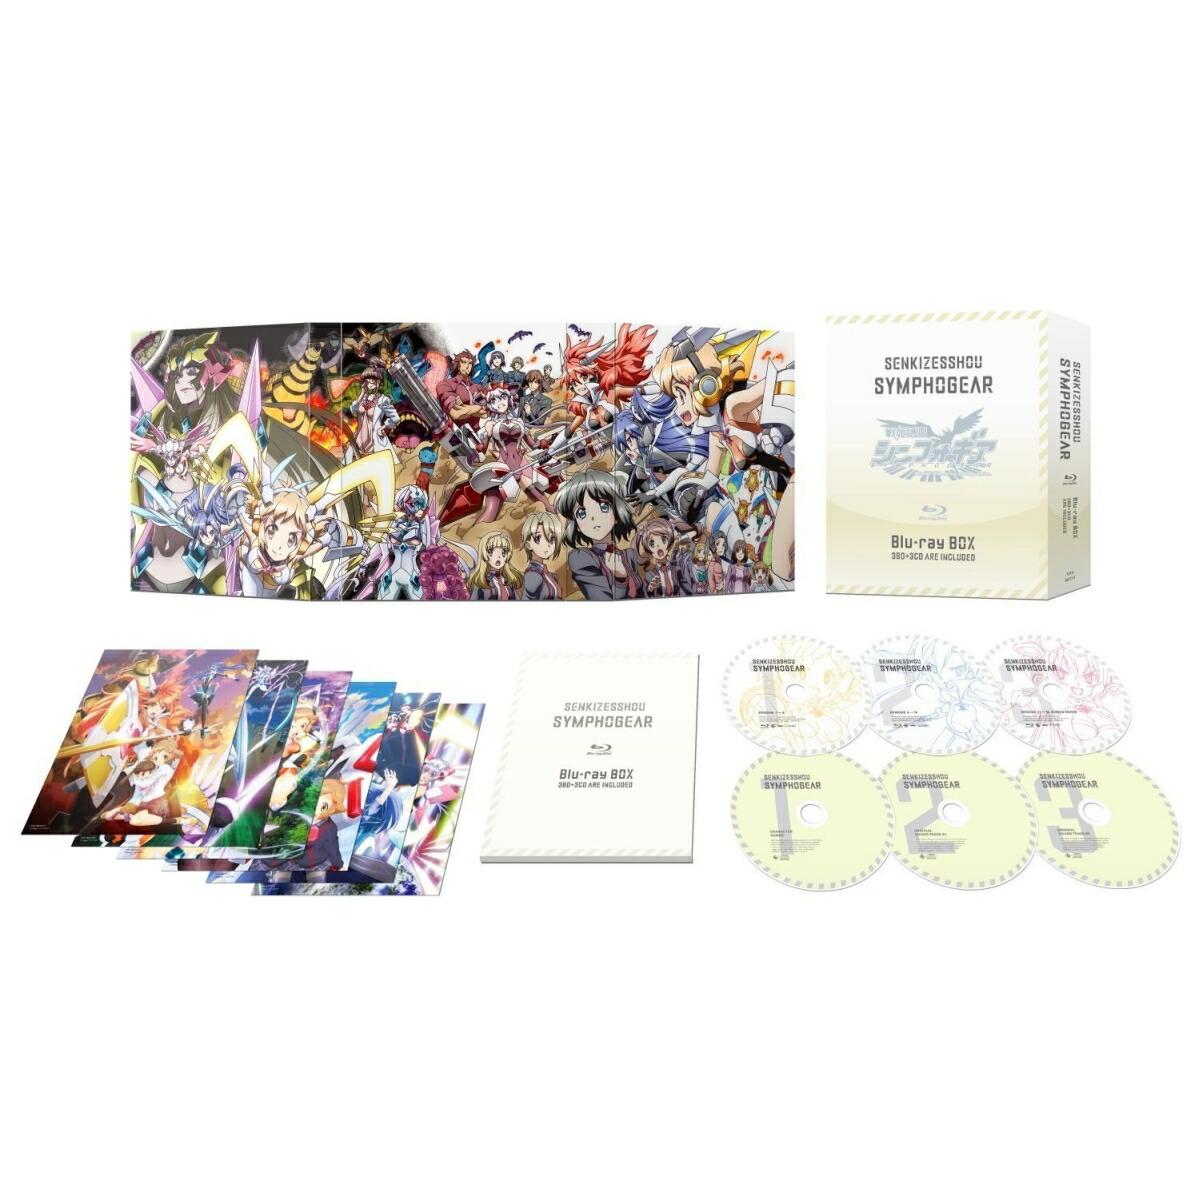 戦姫絶唱シンフォギア Blu-ray BOX【初回限定版】[KIXA-90737/9][Blu-ray/ブルーレイ] 製品画像